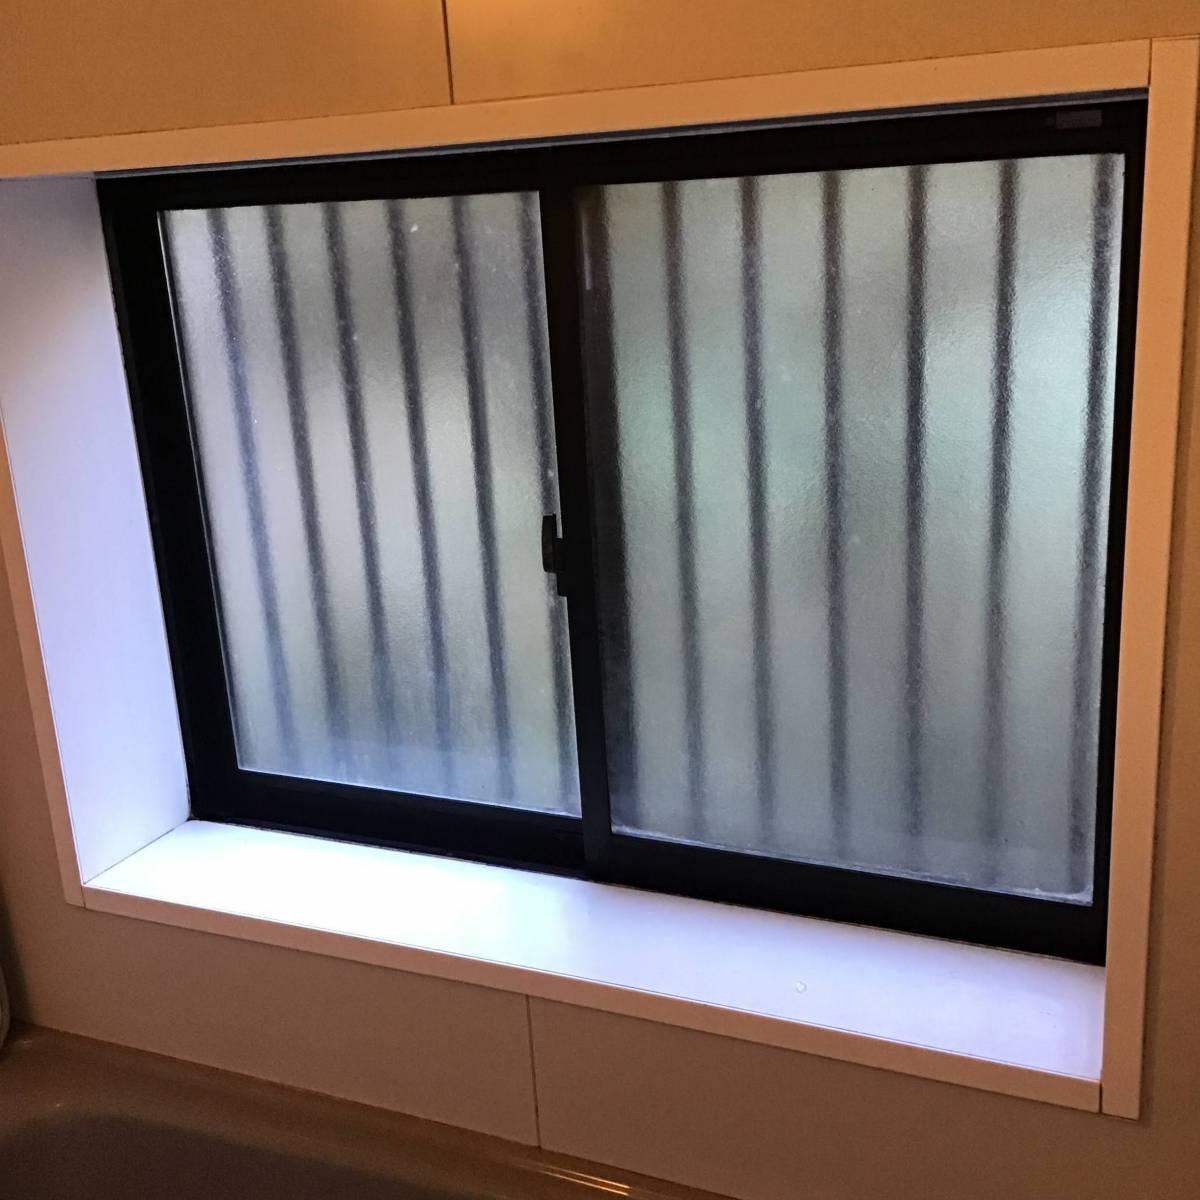 茂木トーヨー住器 宇都宮の浴室サッシを断熱しました。栃木県宇都宮市の施工前の写真1